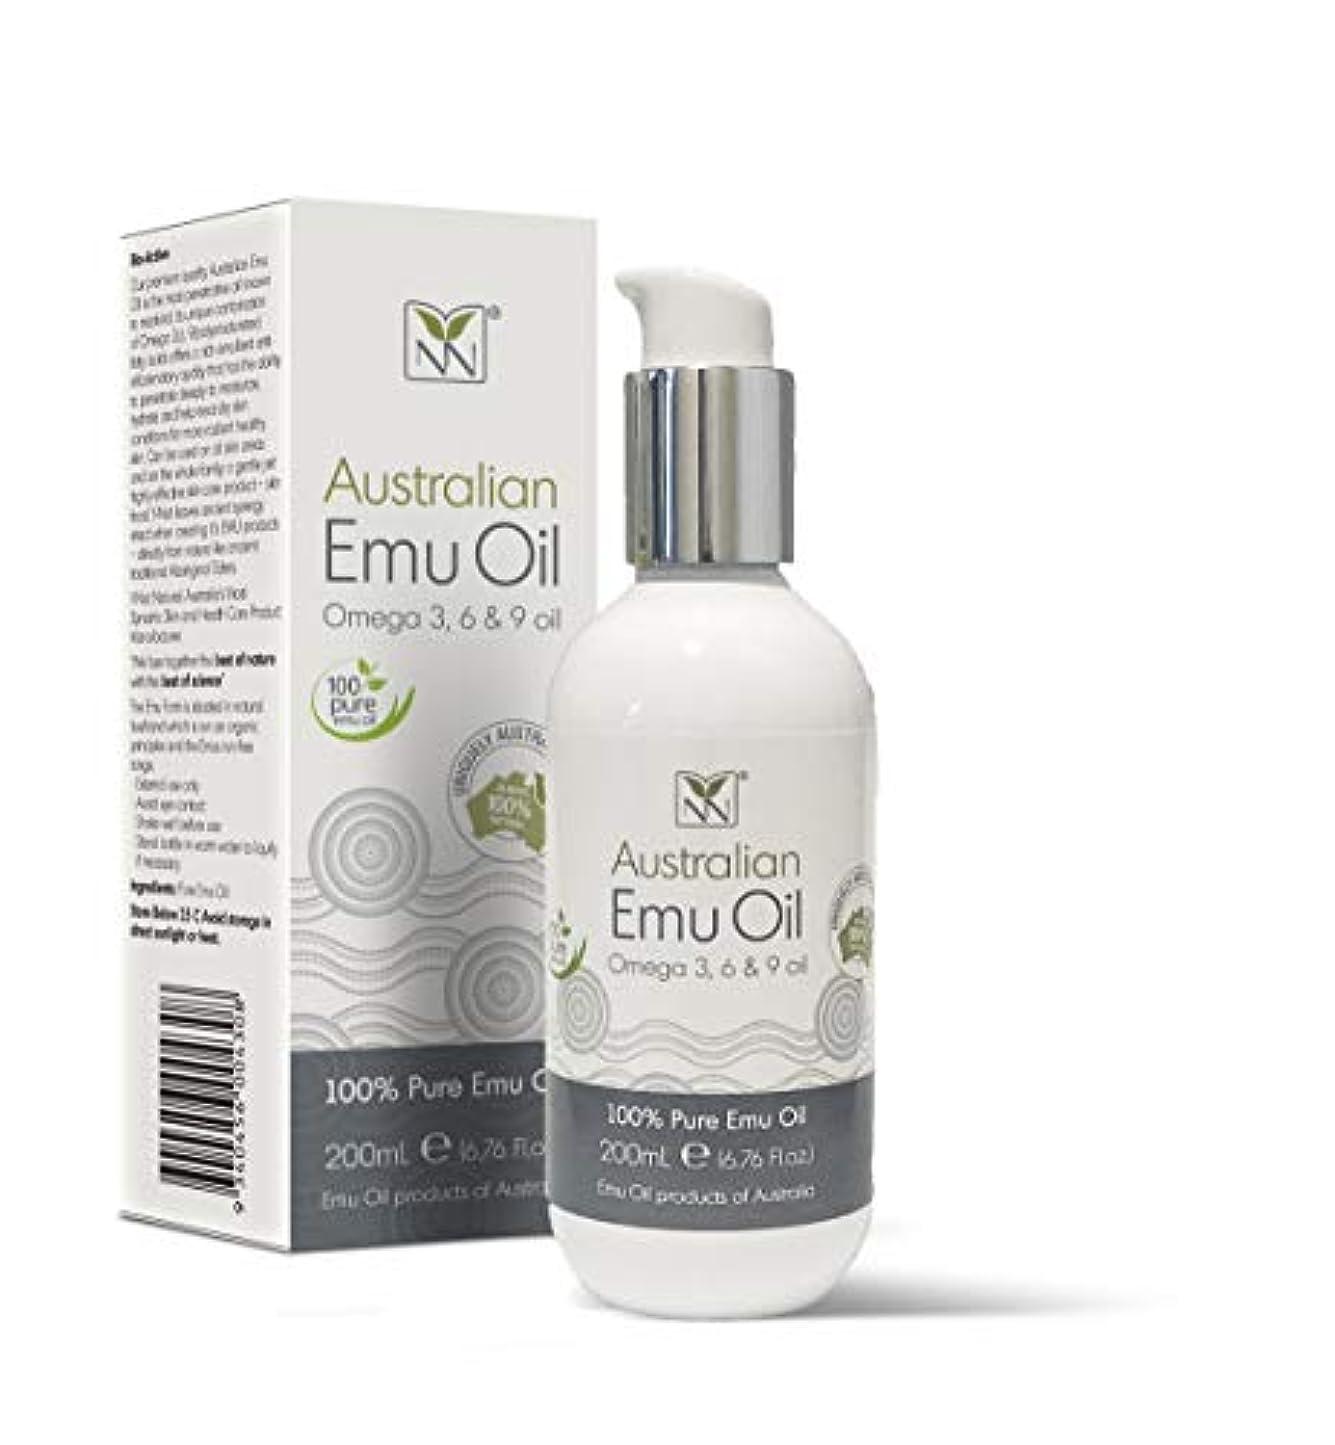 軍隊撤回するビームY Not Natural エミューオイル EMU OIL 無添加100% 保湿性 浸透性 抜群 プレミアム品質 エミュー油 (200 ml)